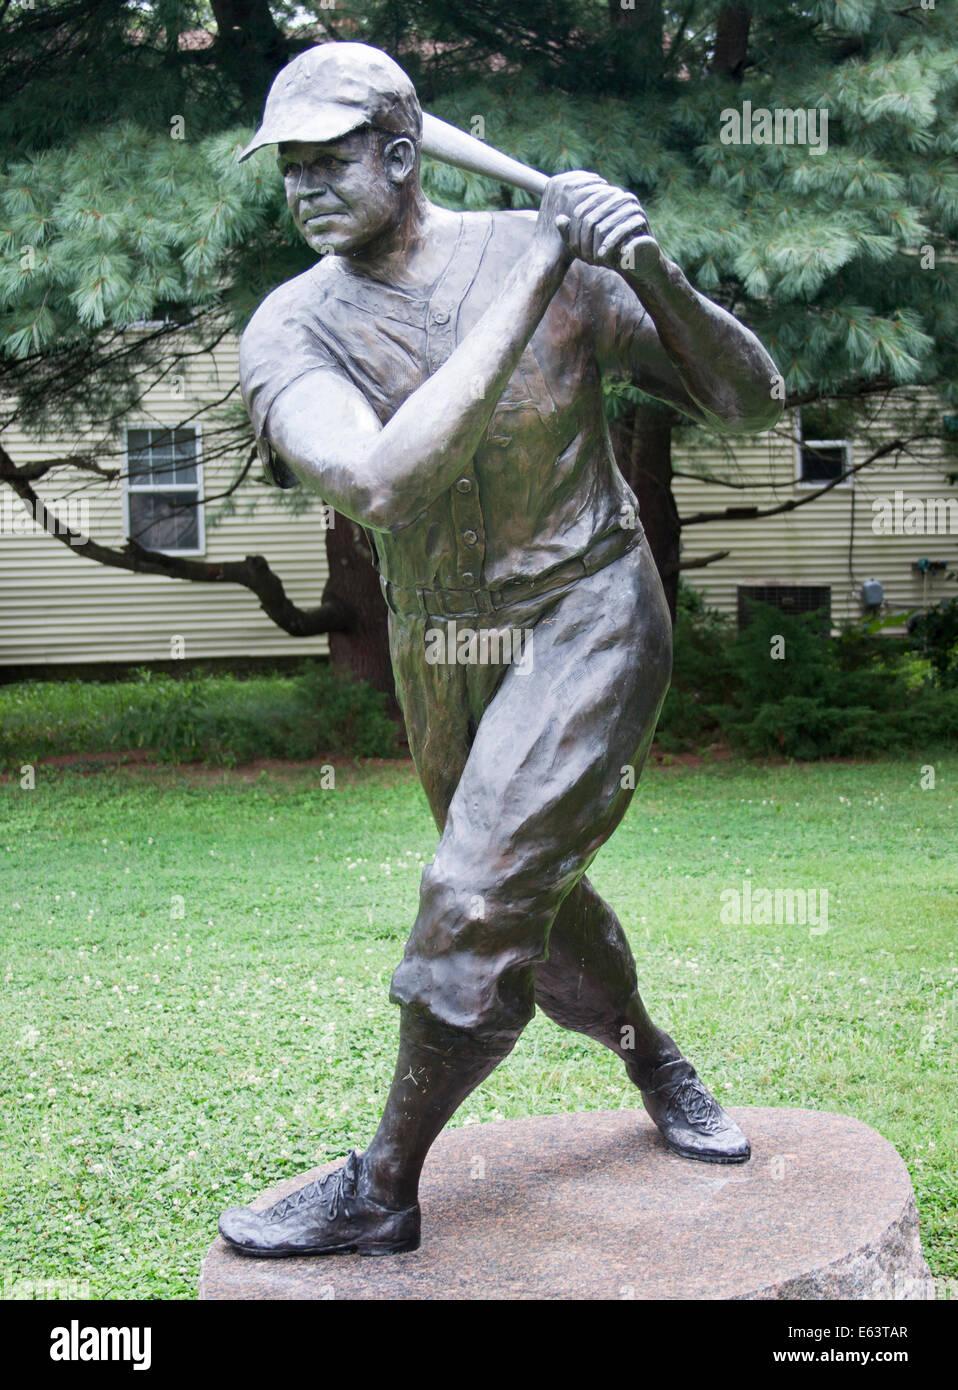 La leggenda del baseball James Foxx statua in un parco in Sudlersville Maryland Immagini Stock